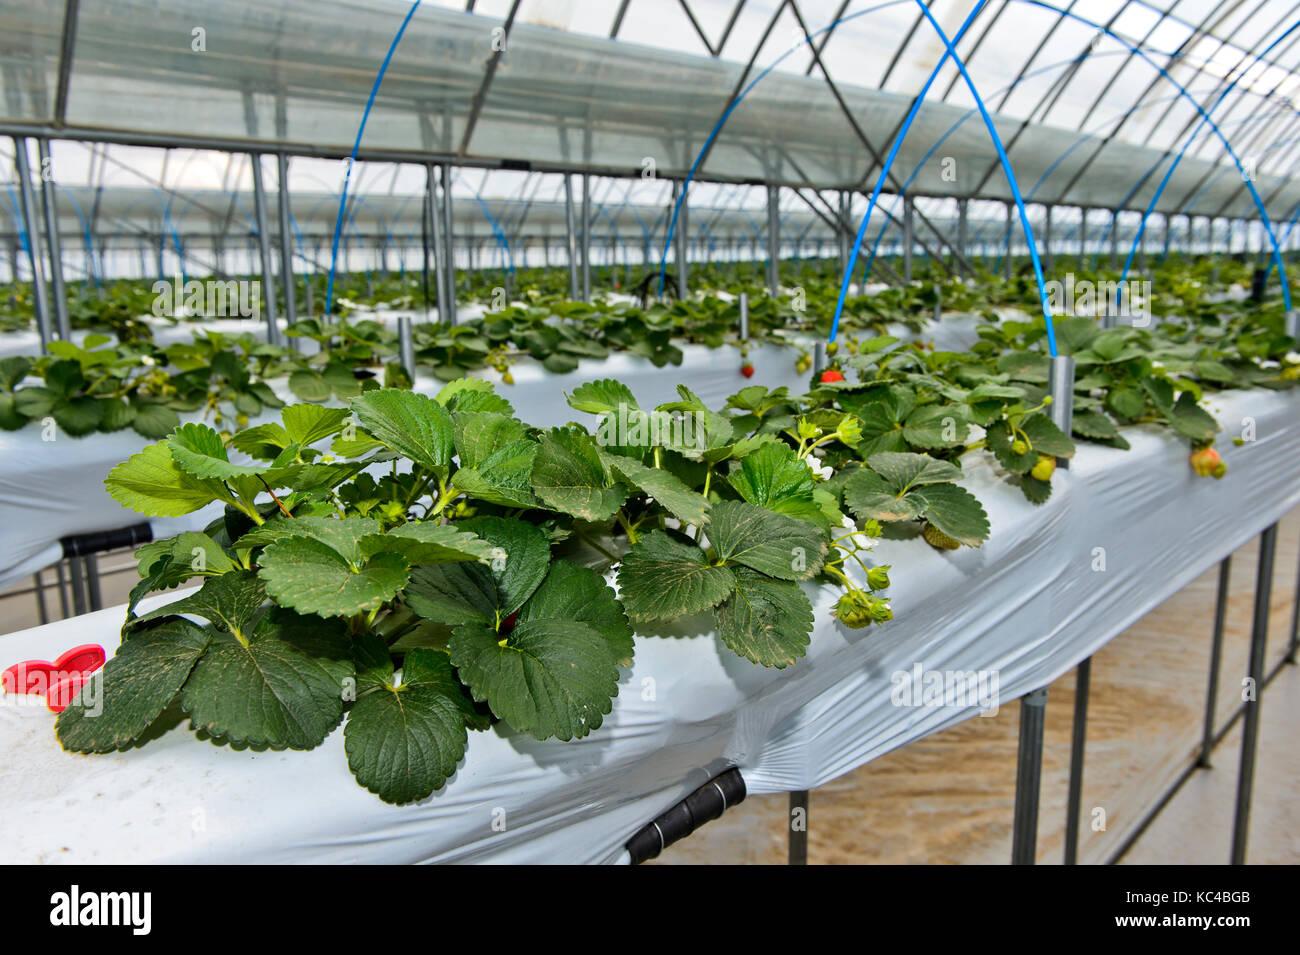 Dans la production de fraises, sans terre, substrats dans une serre, monnaran site, joint venture japonaise mongol Photo Stock